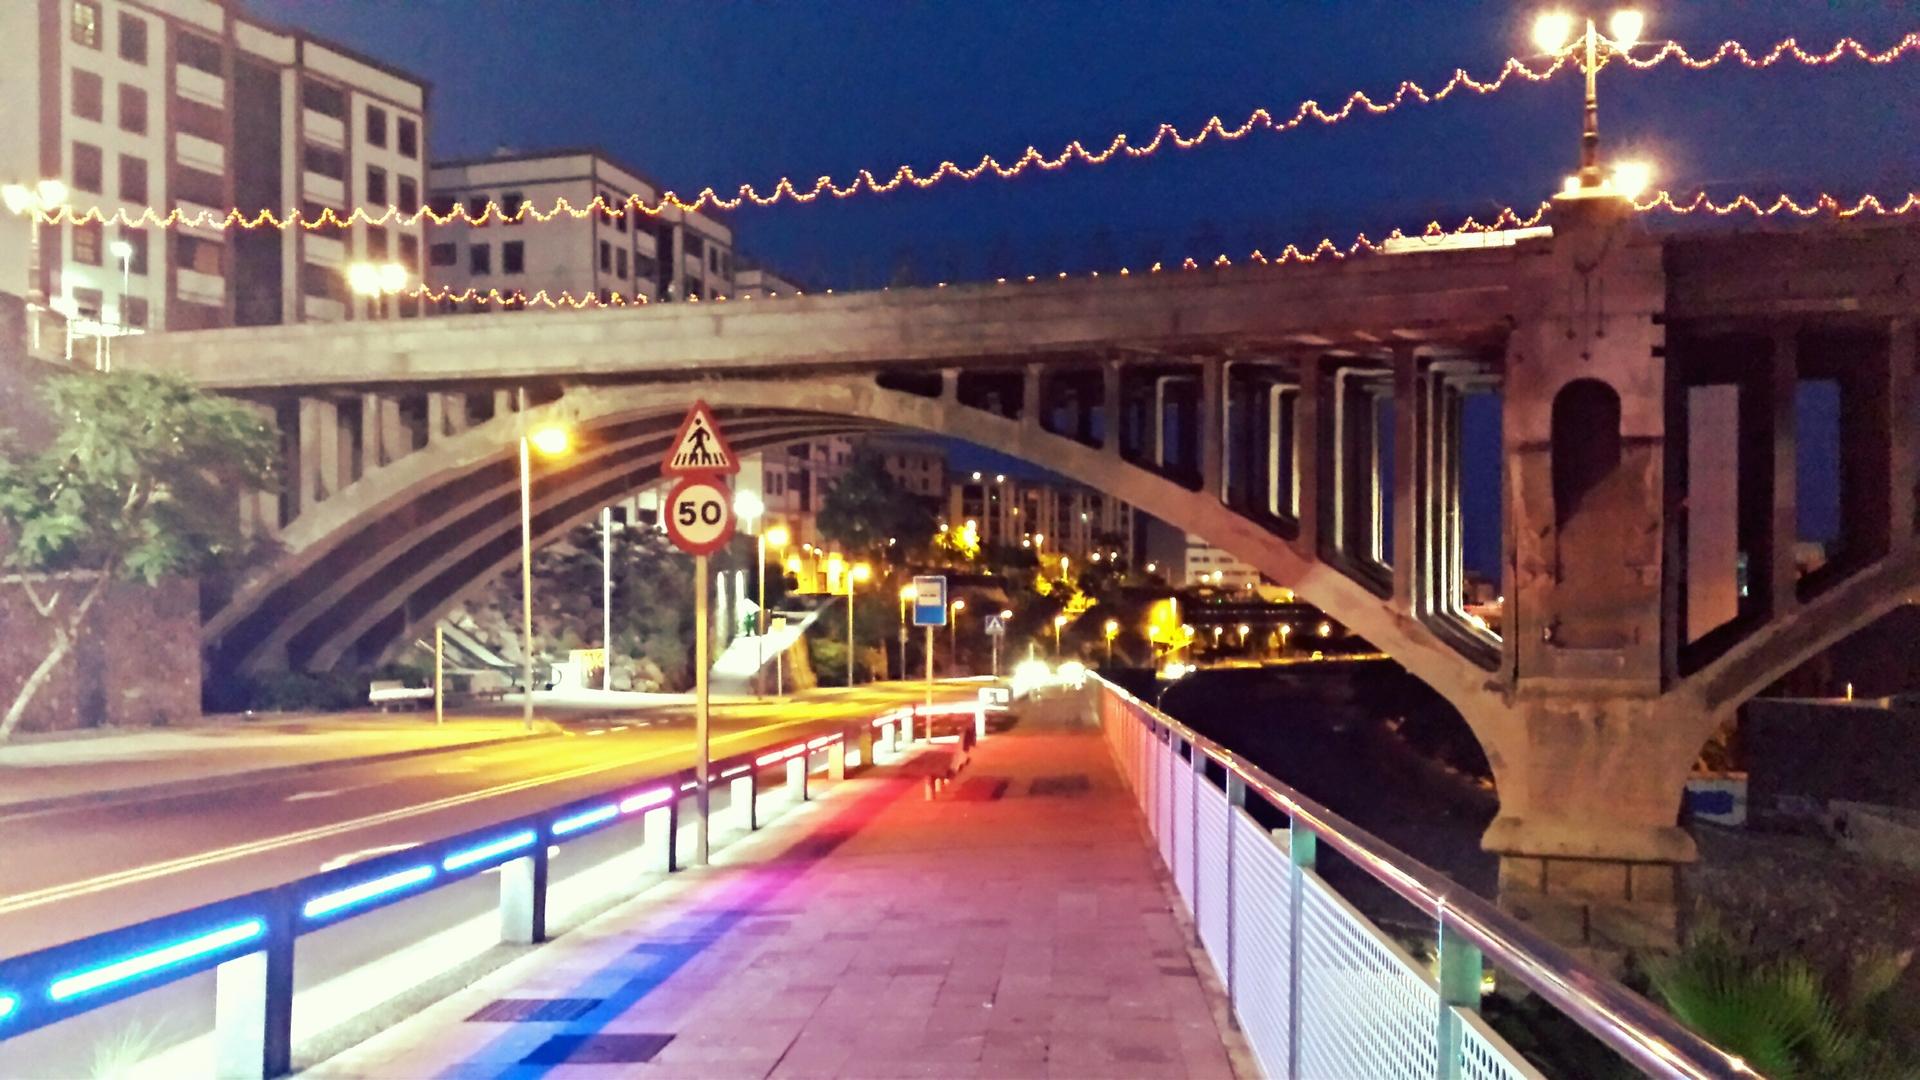 galceran bridge/ puente galceran sc de tenerife